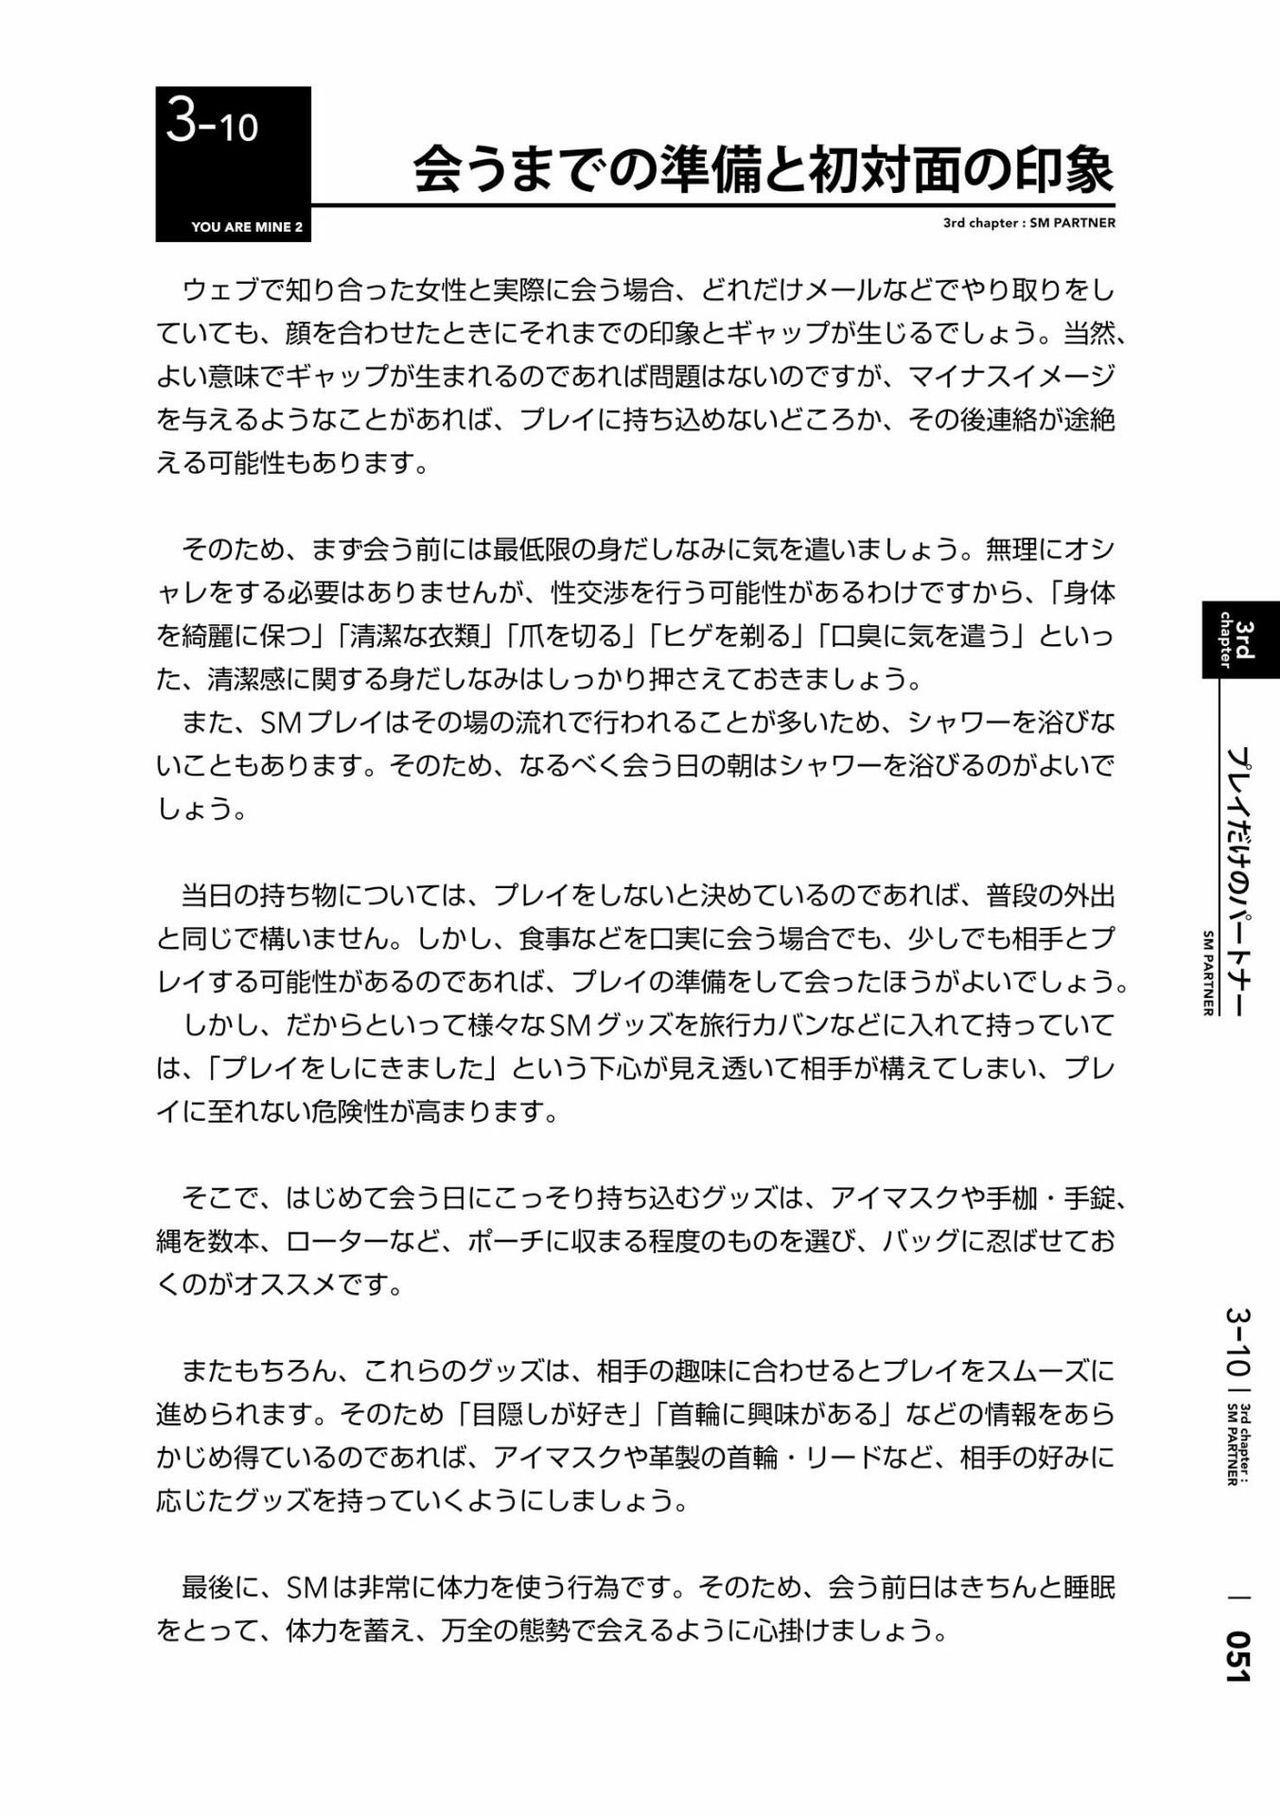 [Mitsuba] Karada mo Kokoro mo Boku no Mono ~Hajimete no SM Guide~ 2 [Digital] 53